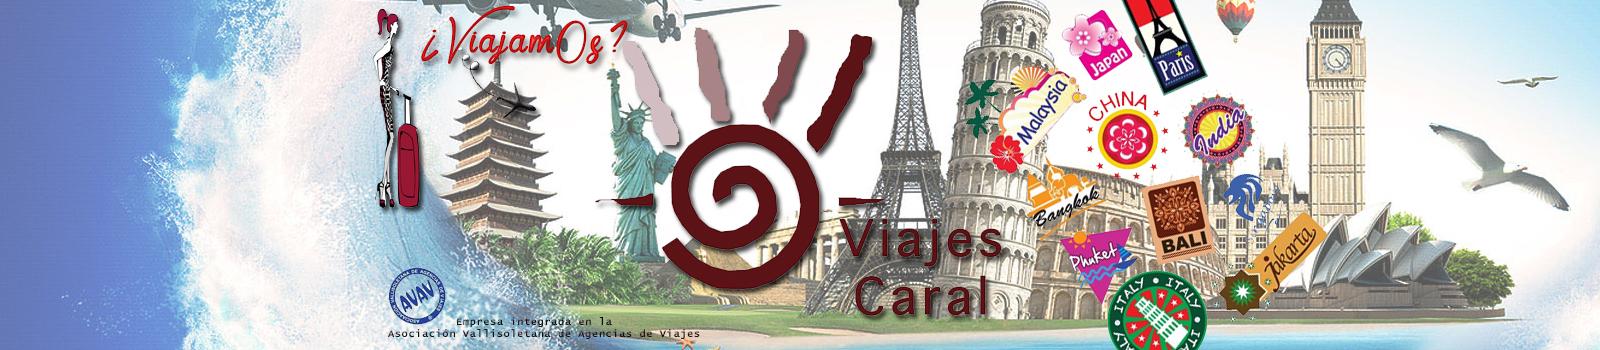 Agencia de Viajes en Valladolid CARAL,viaje,ruta,barato,vuelos,reservas,reservas online